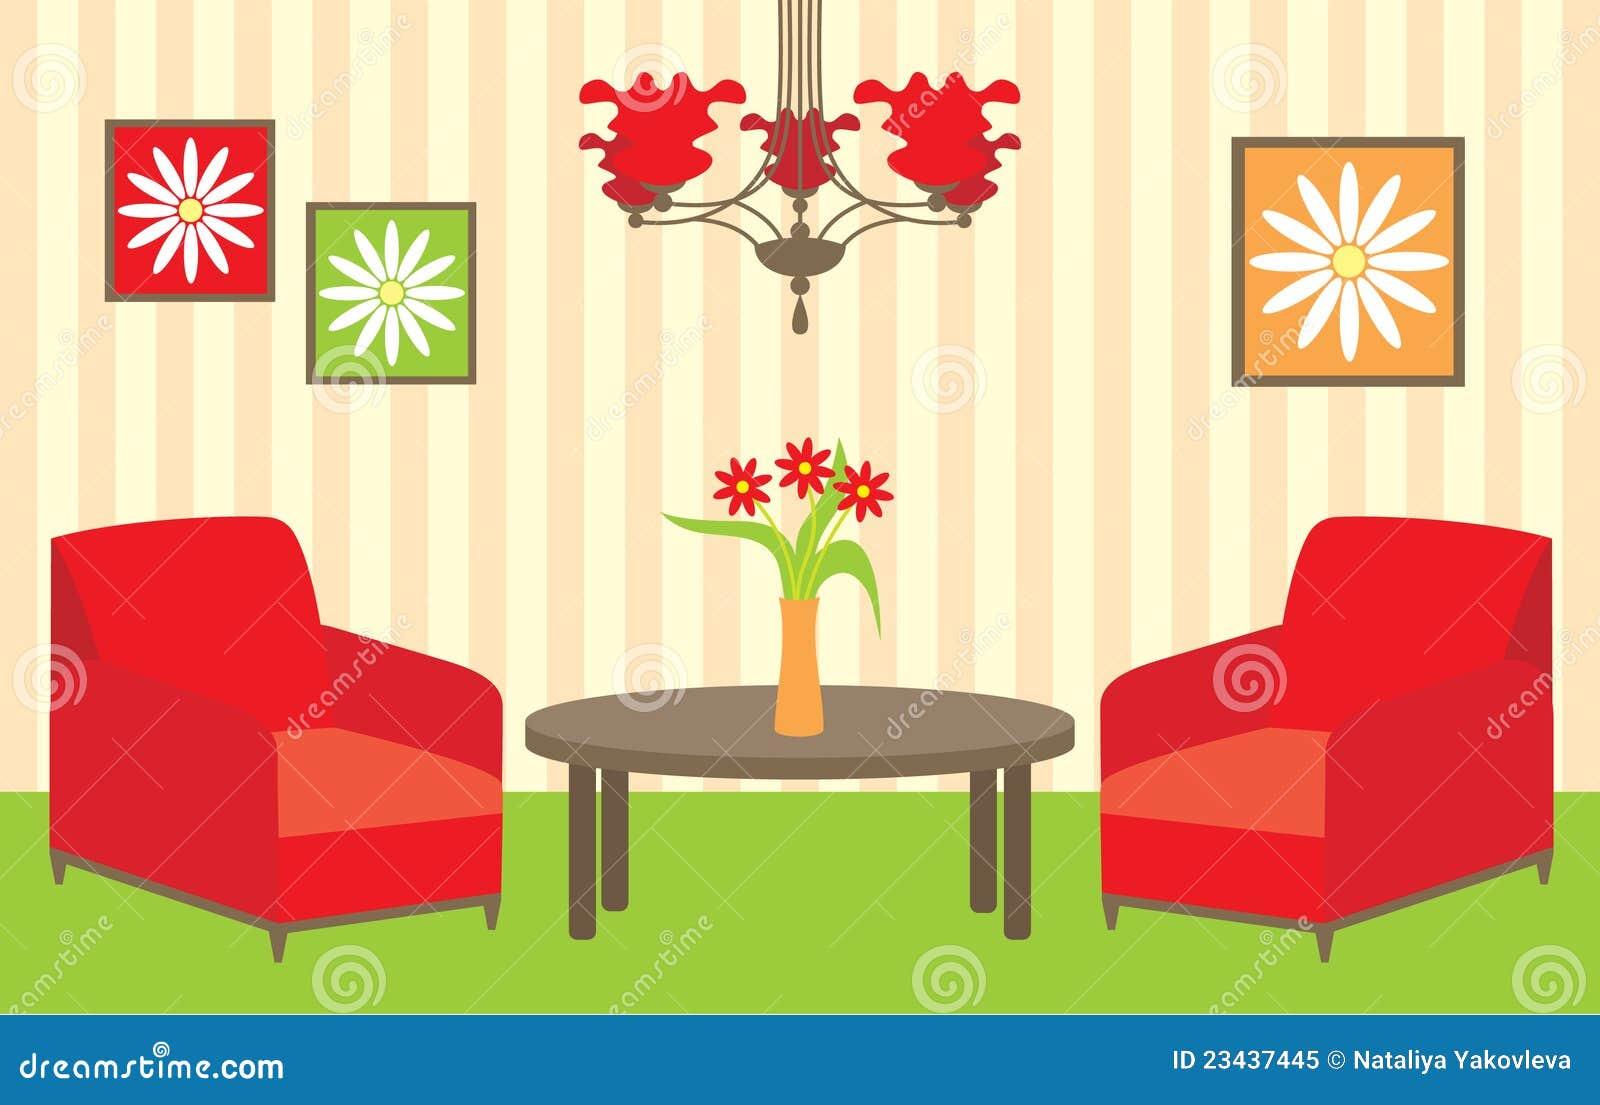 Wohnzimmer Vektor Abbildung. Illustration Von Zuhause